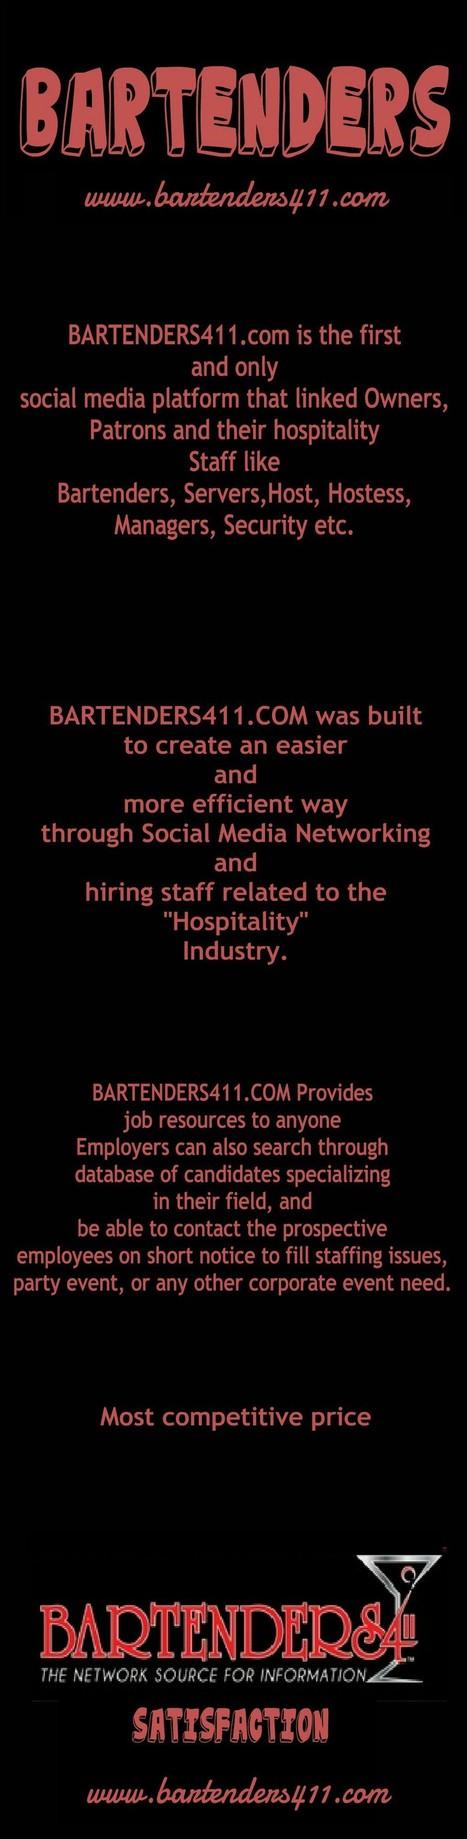 All About Baetenders. | Bar Tender | Scoop.it